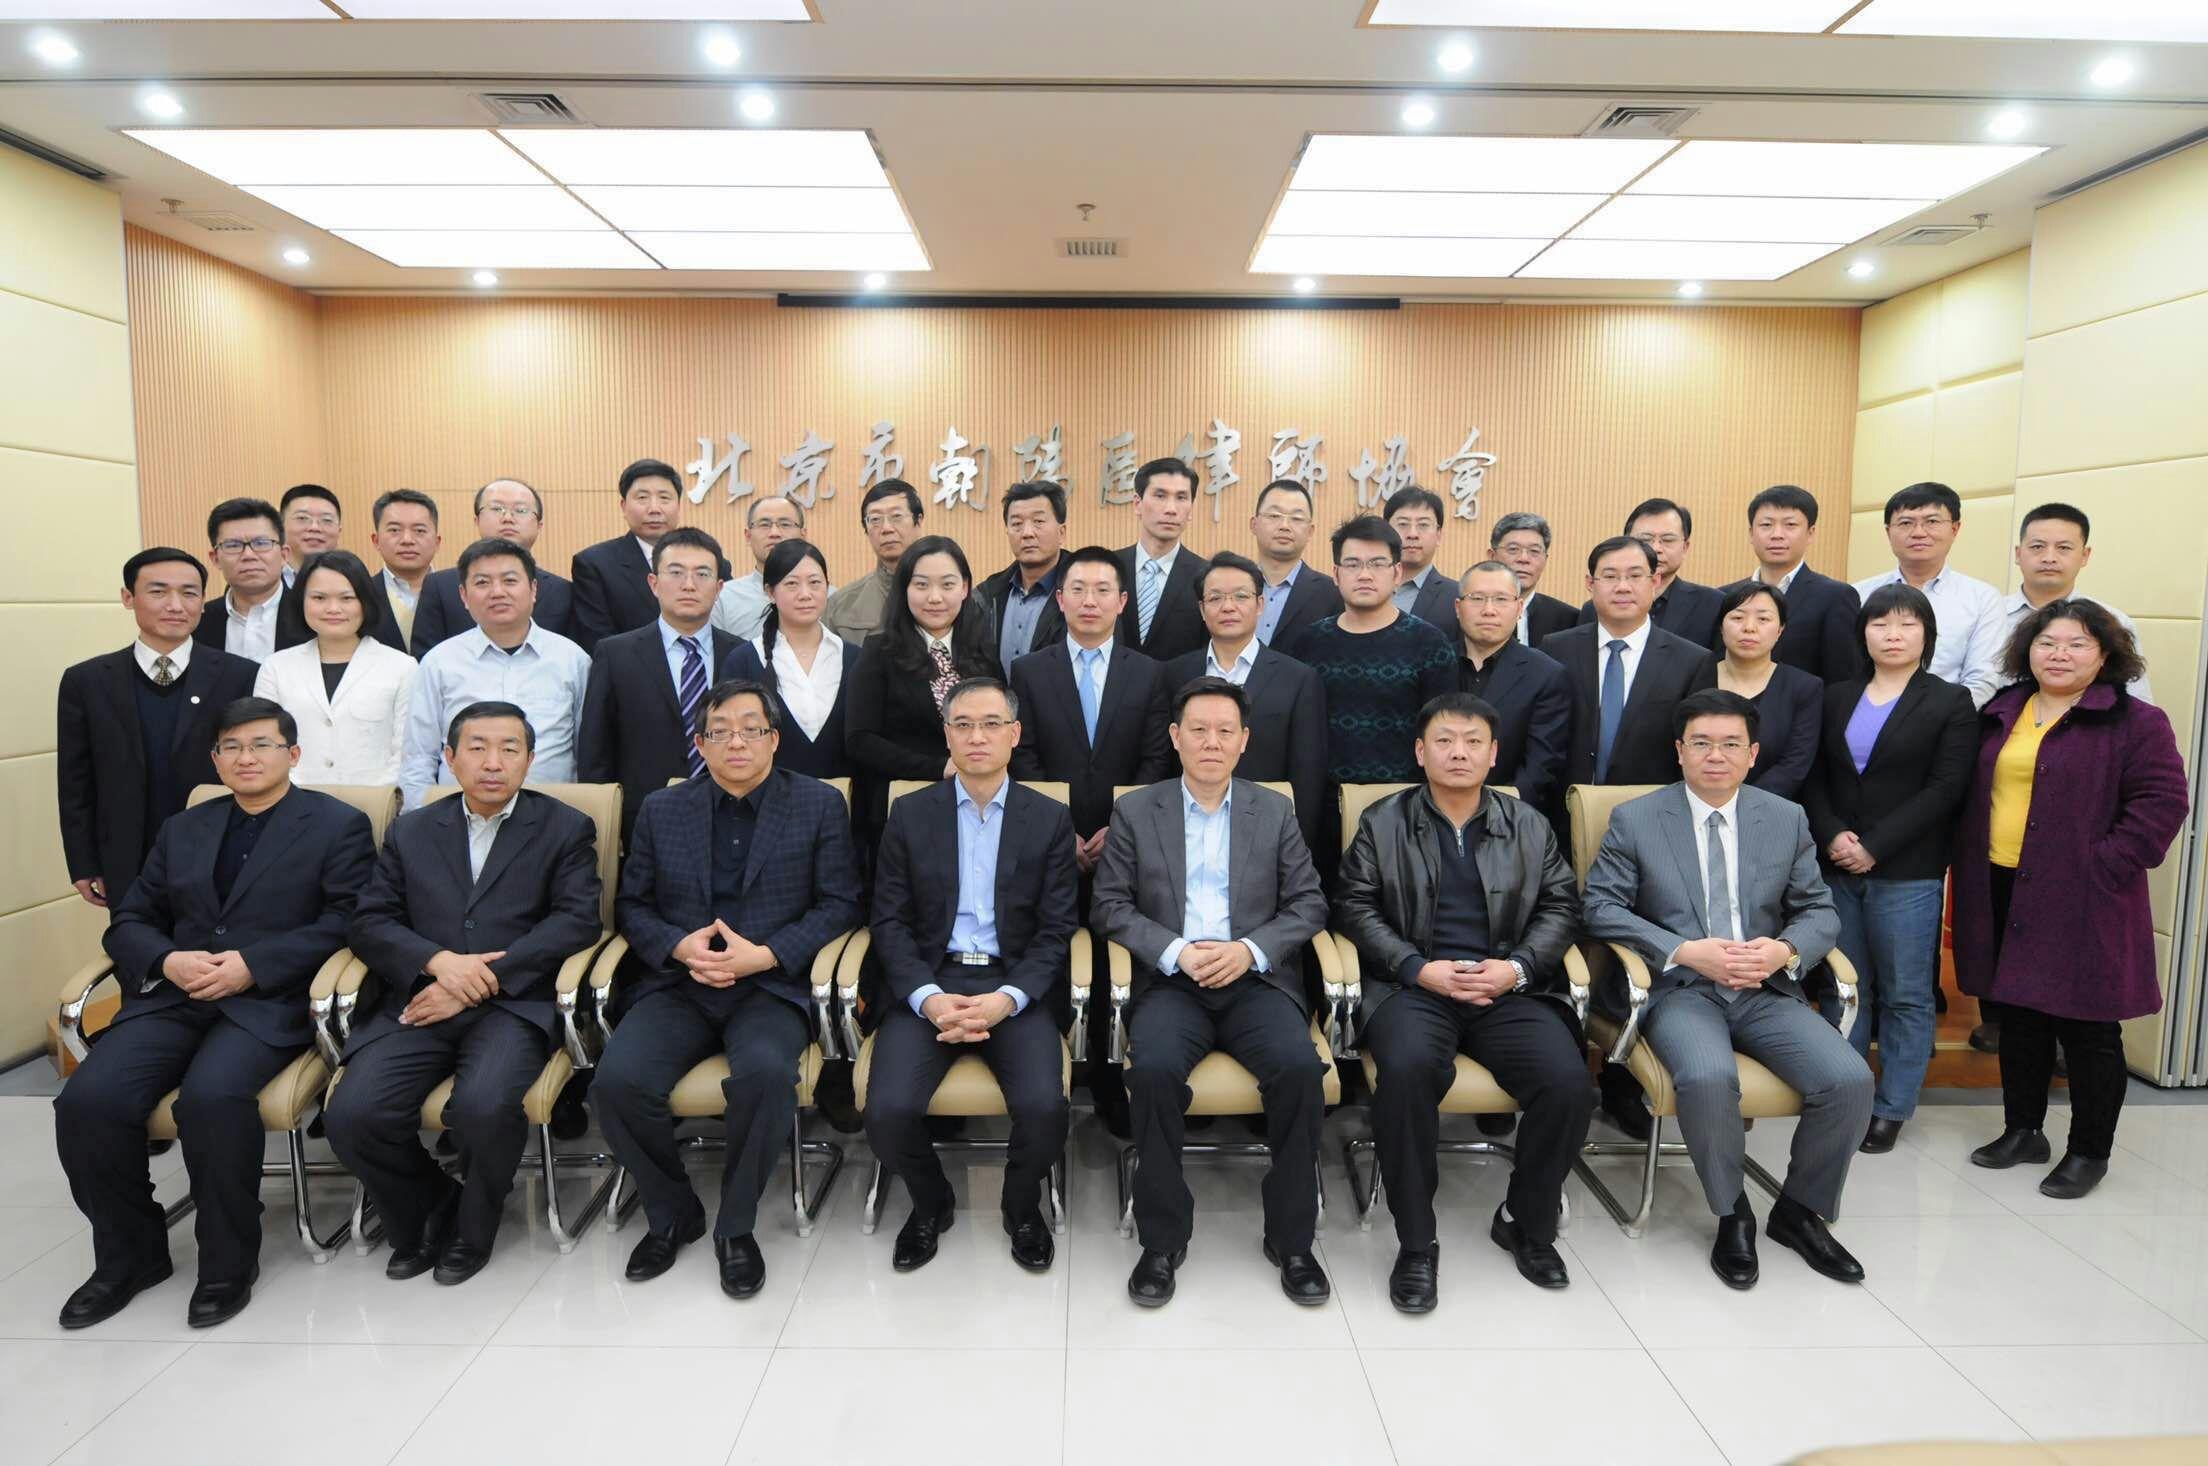 北京市朝阳区律师协会《纪律处罚与调解委员会》第二届成立大会